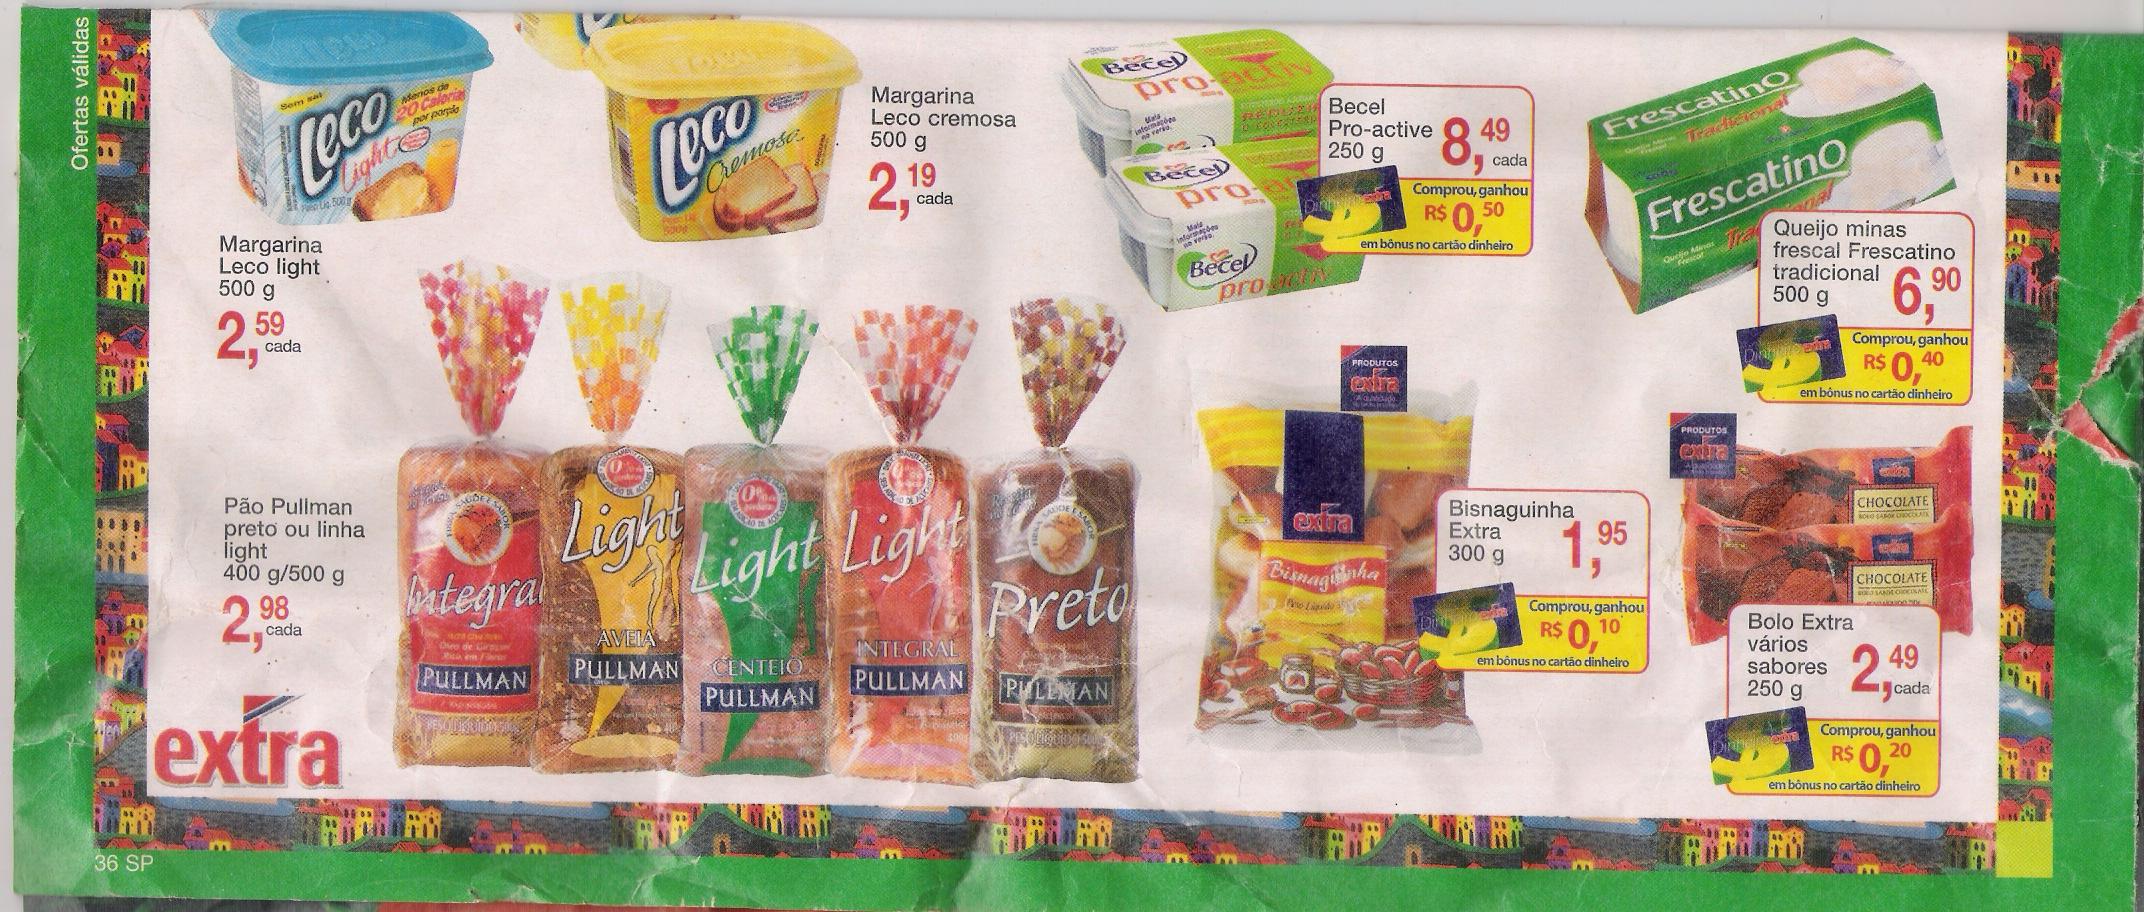 04f1c0863 Preços de produtos alimentícios e eletrodomésticos em 2005 ...